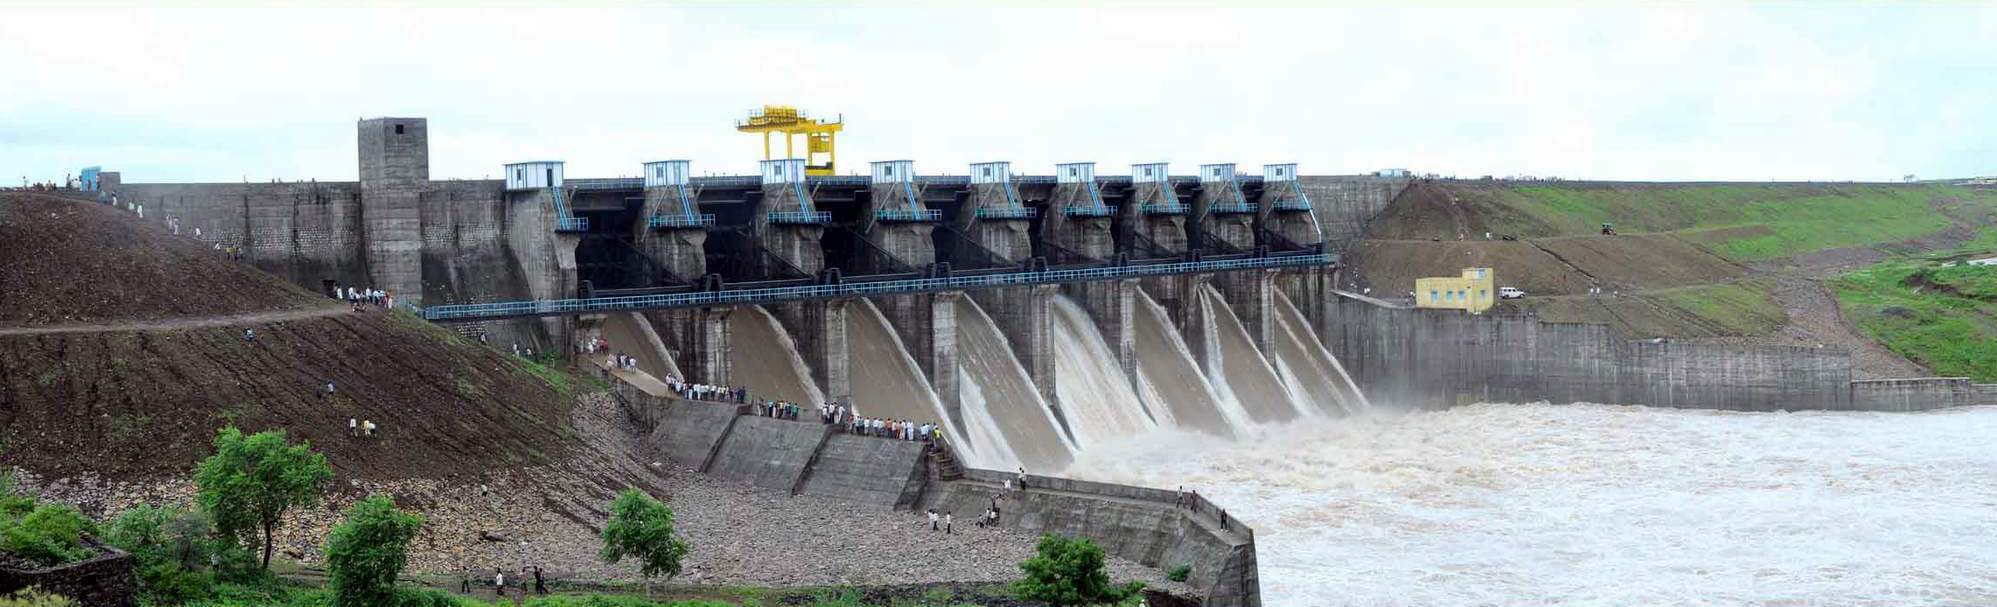 Mahi River Origin, Tributaries, Basin, Dams & Concerns